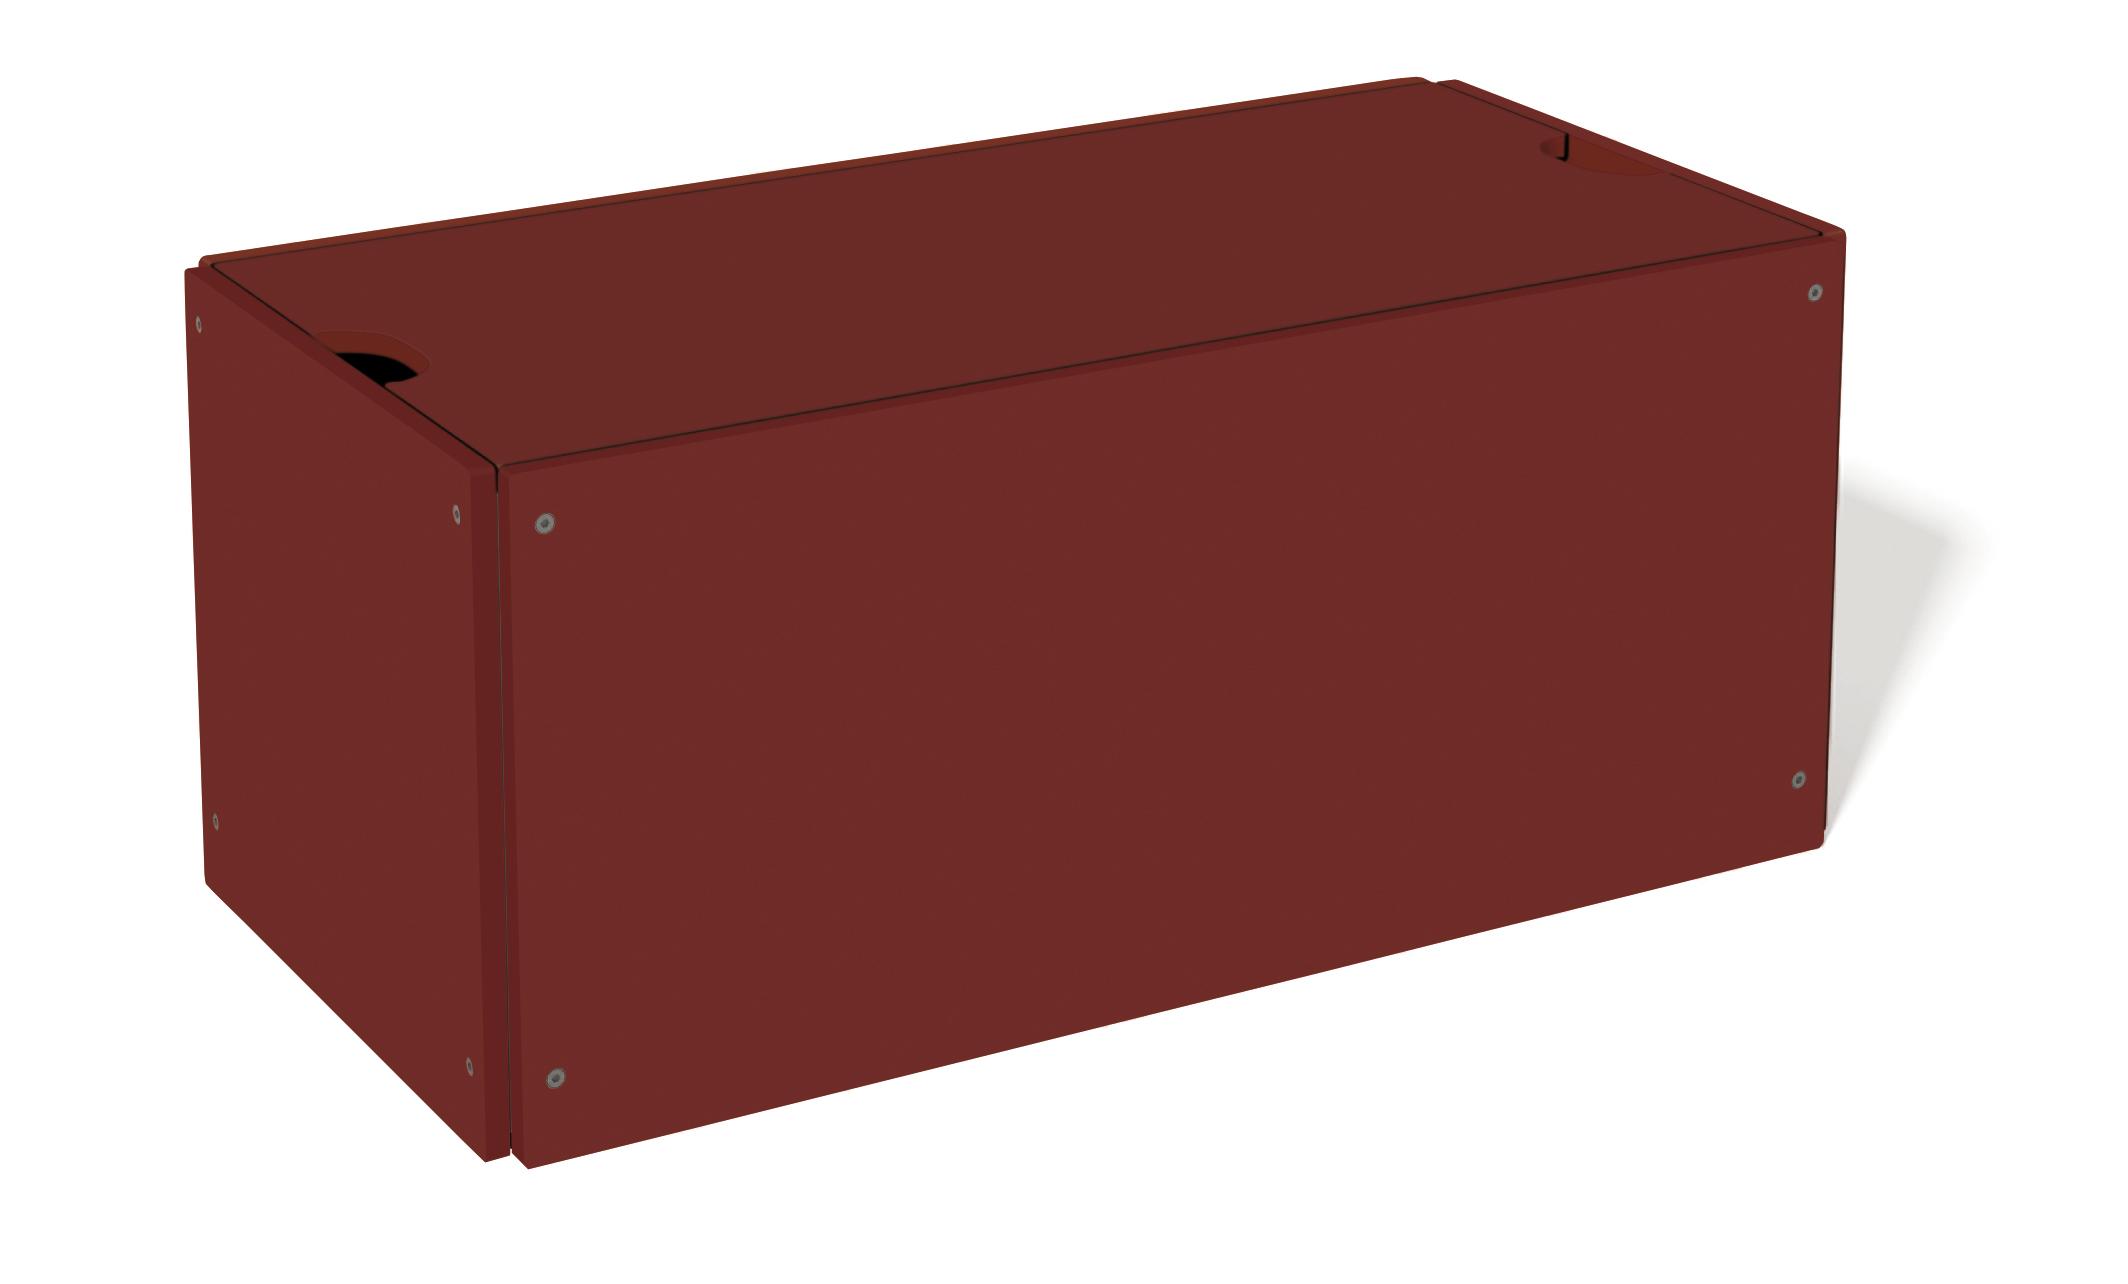 bettkasten mit deckel lackiert. Black Bedroom Furniture Sets. Home Design Ideas